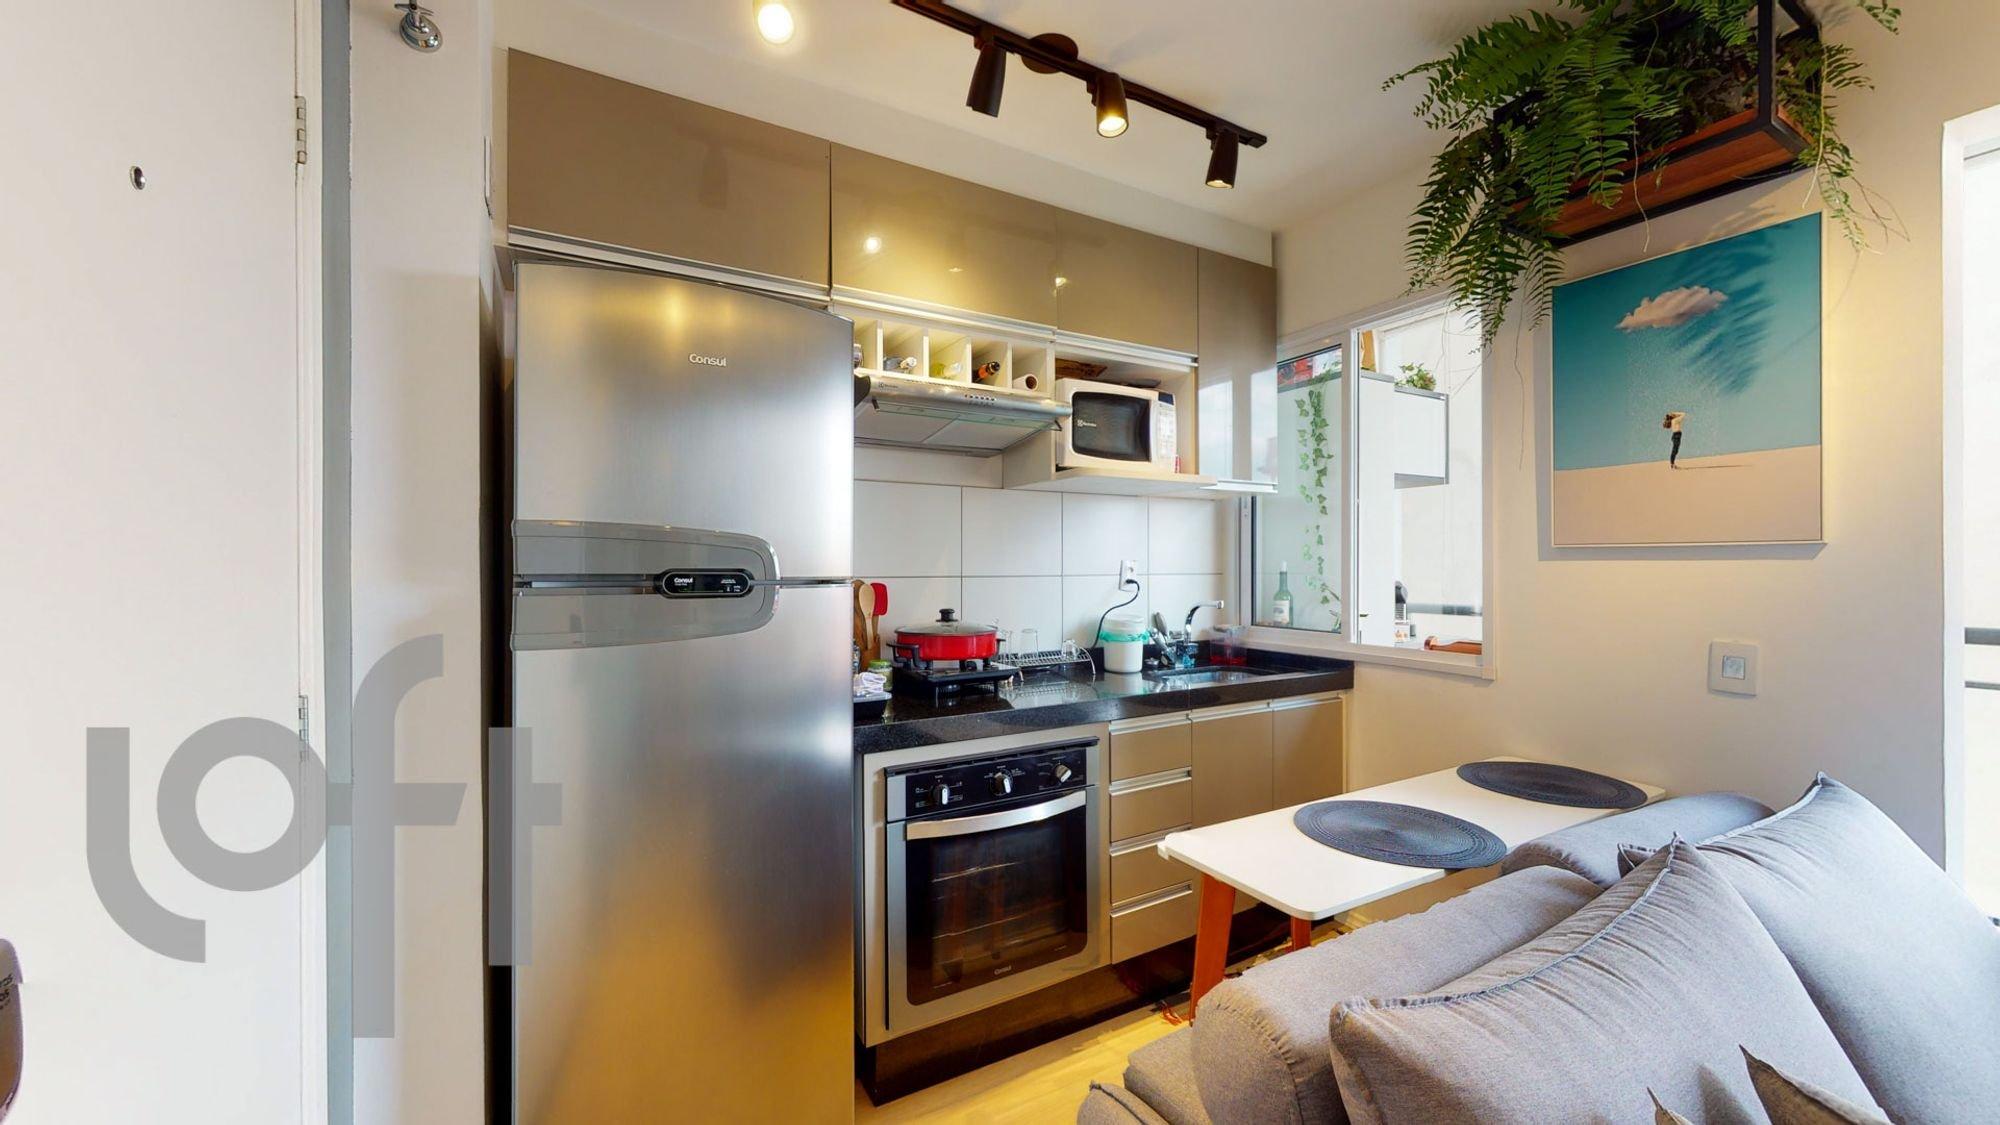 Foto de Cozinha com vaso de planta, sofá, forno, geladeira